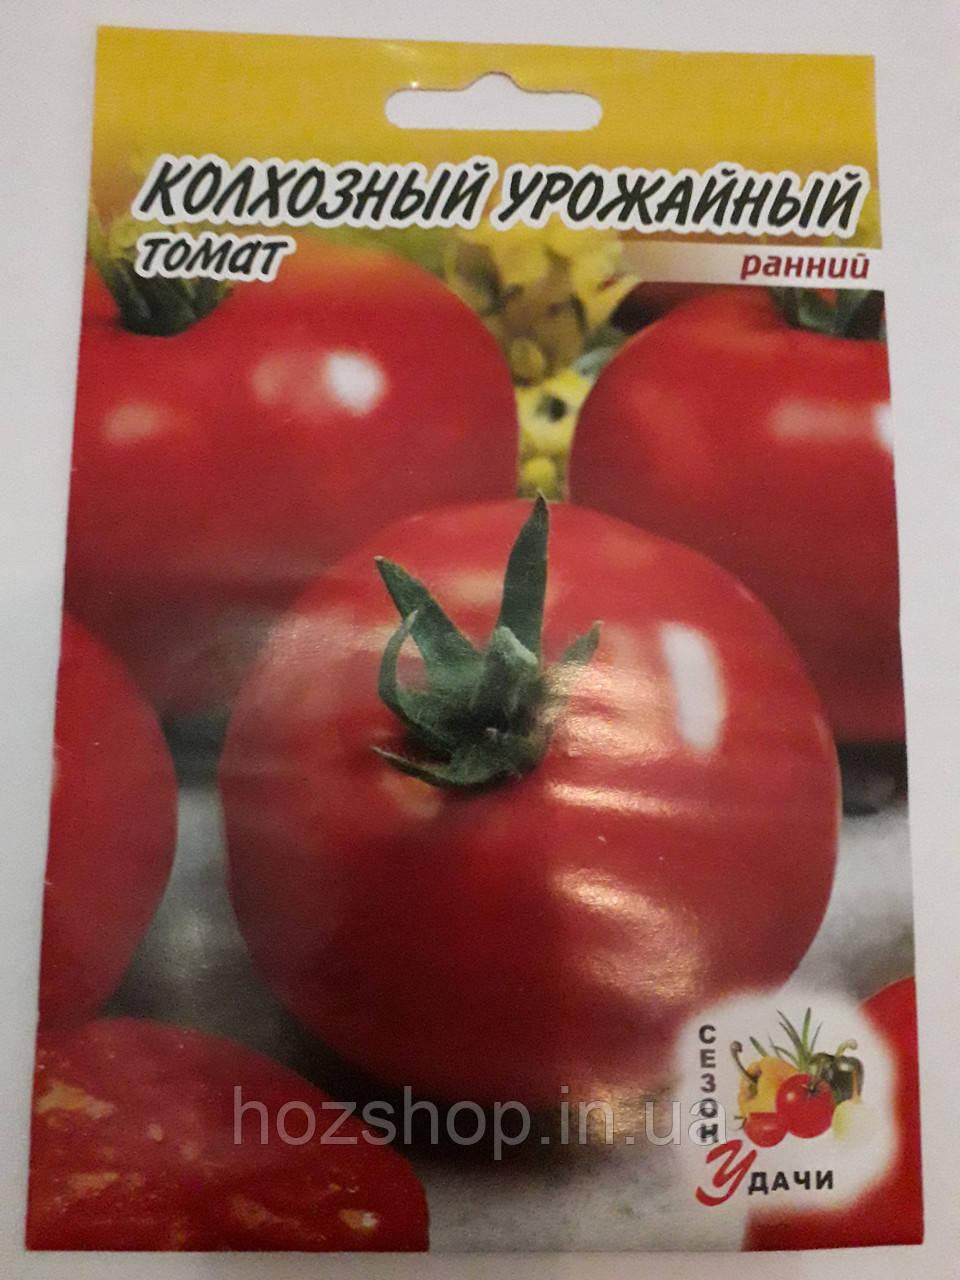 Томат Колхозный Урожайный ранний 500шт.(минимальный заказ 10 пачек)